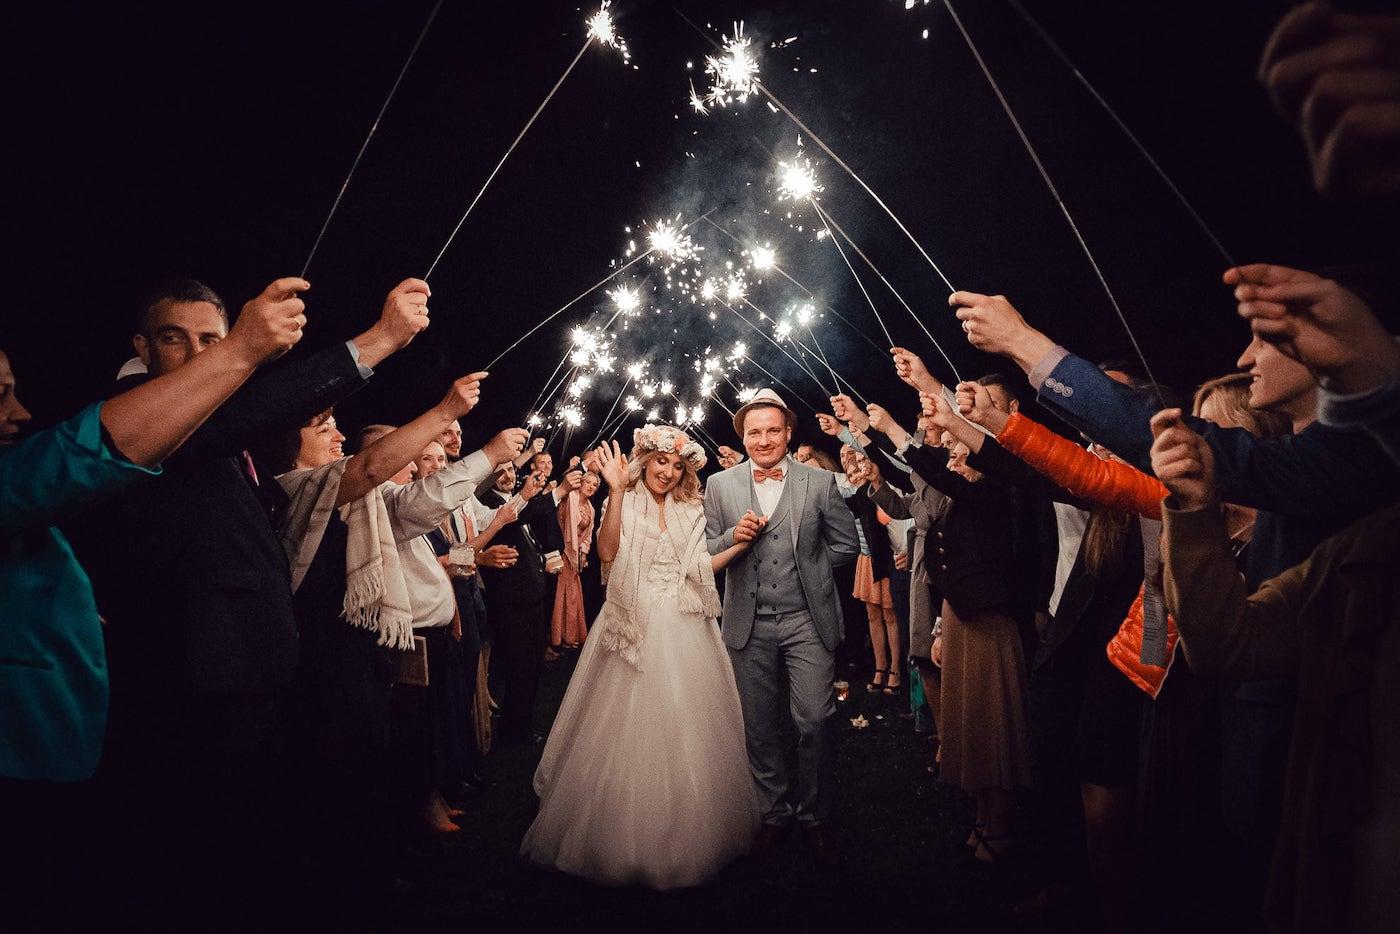 Jaunā pāra kāzu mičošanas noslēgums ar brīnumsvecīšu aleju.